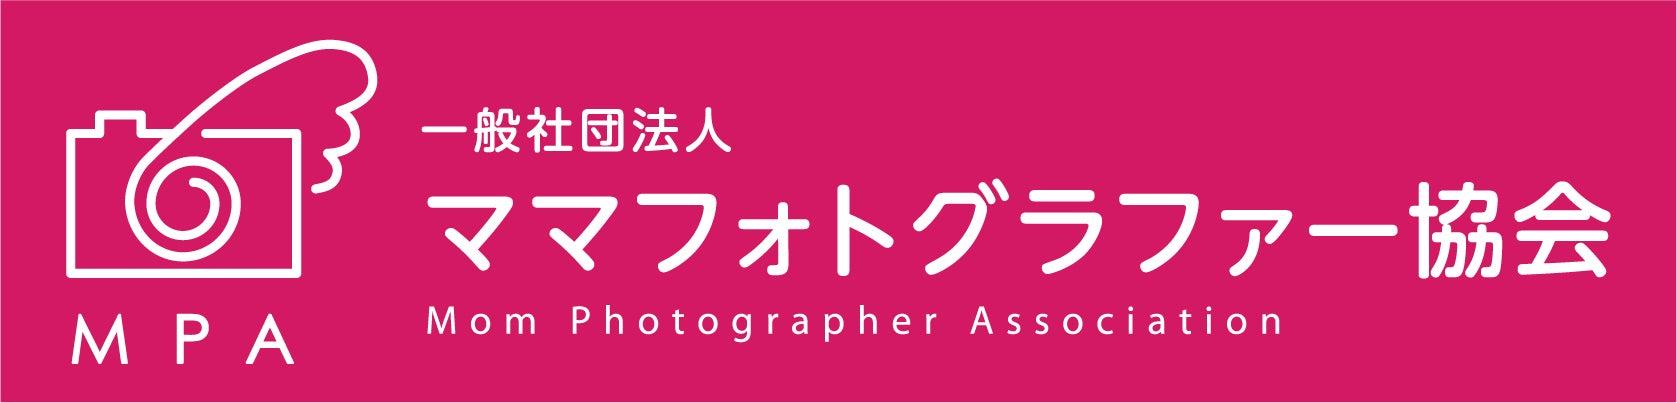 MPAママフォトグラファー協会